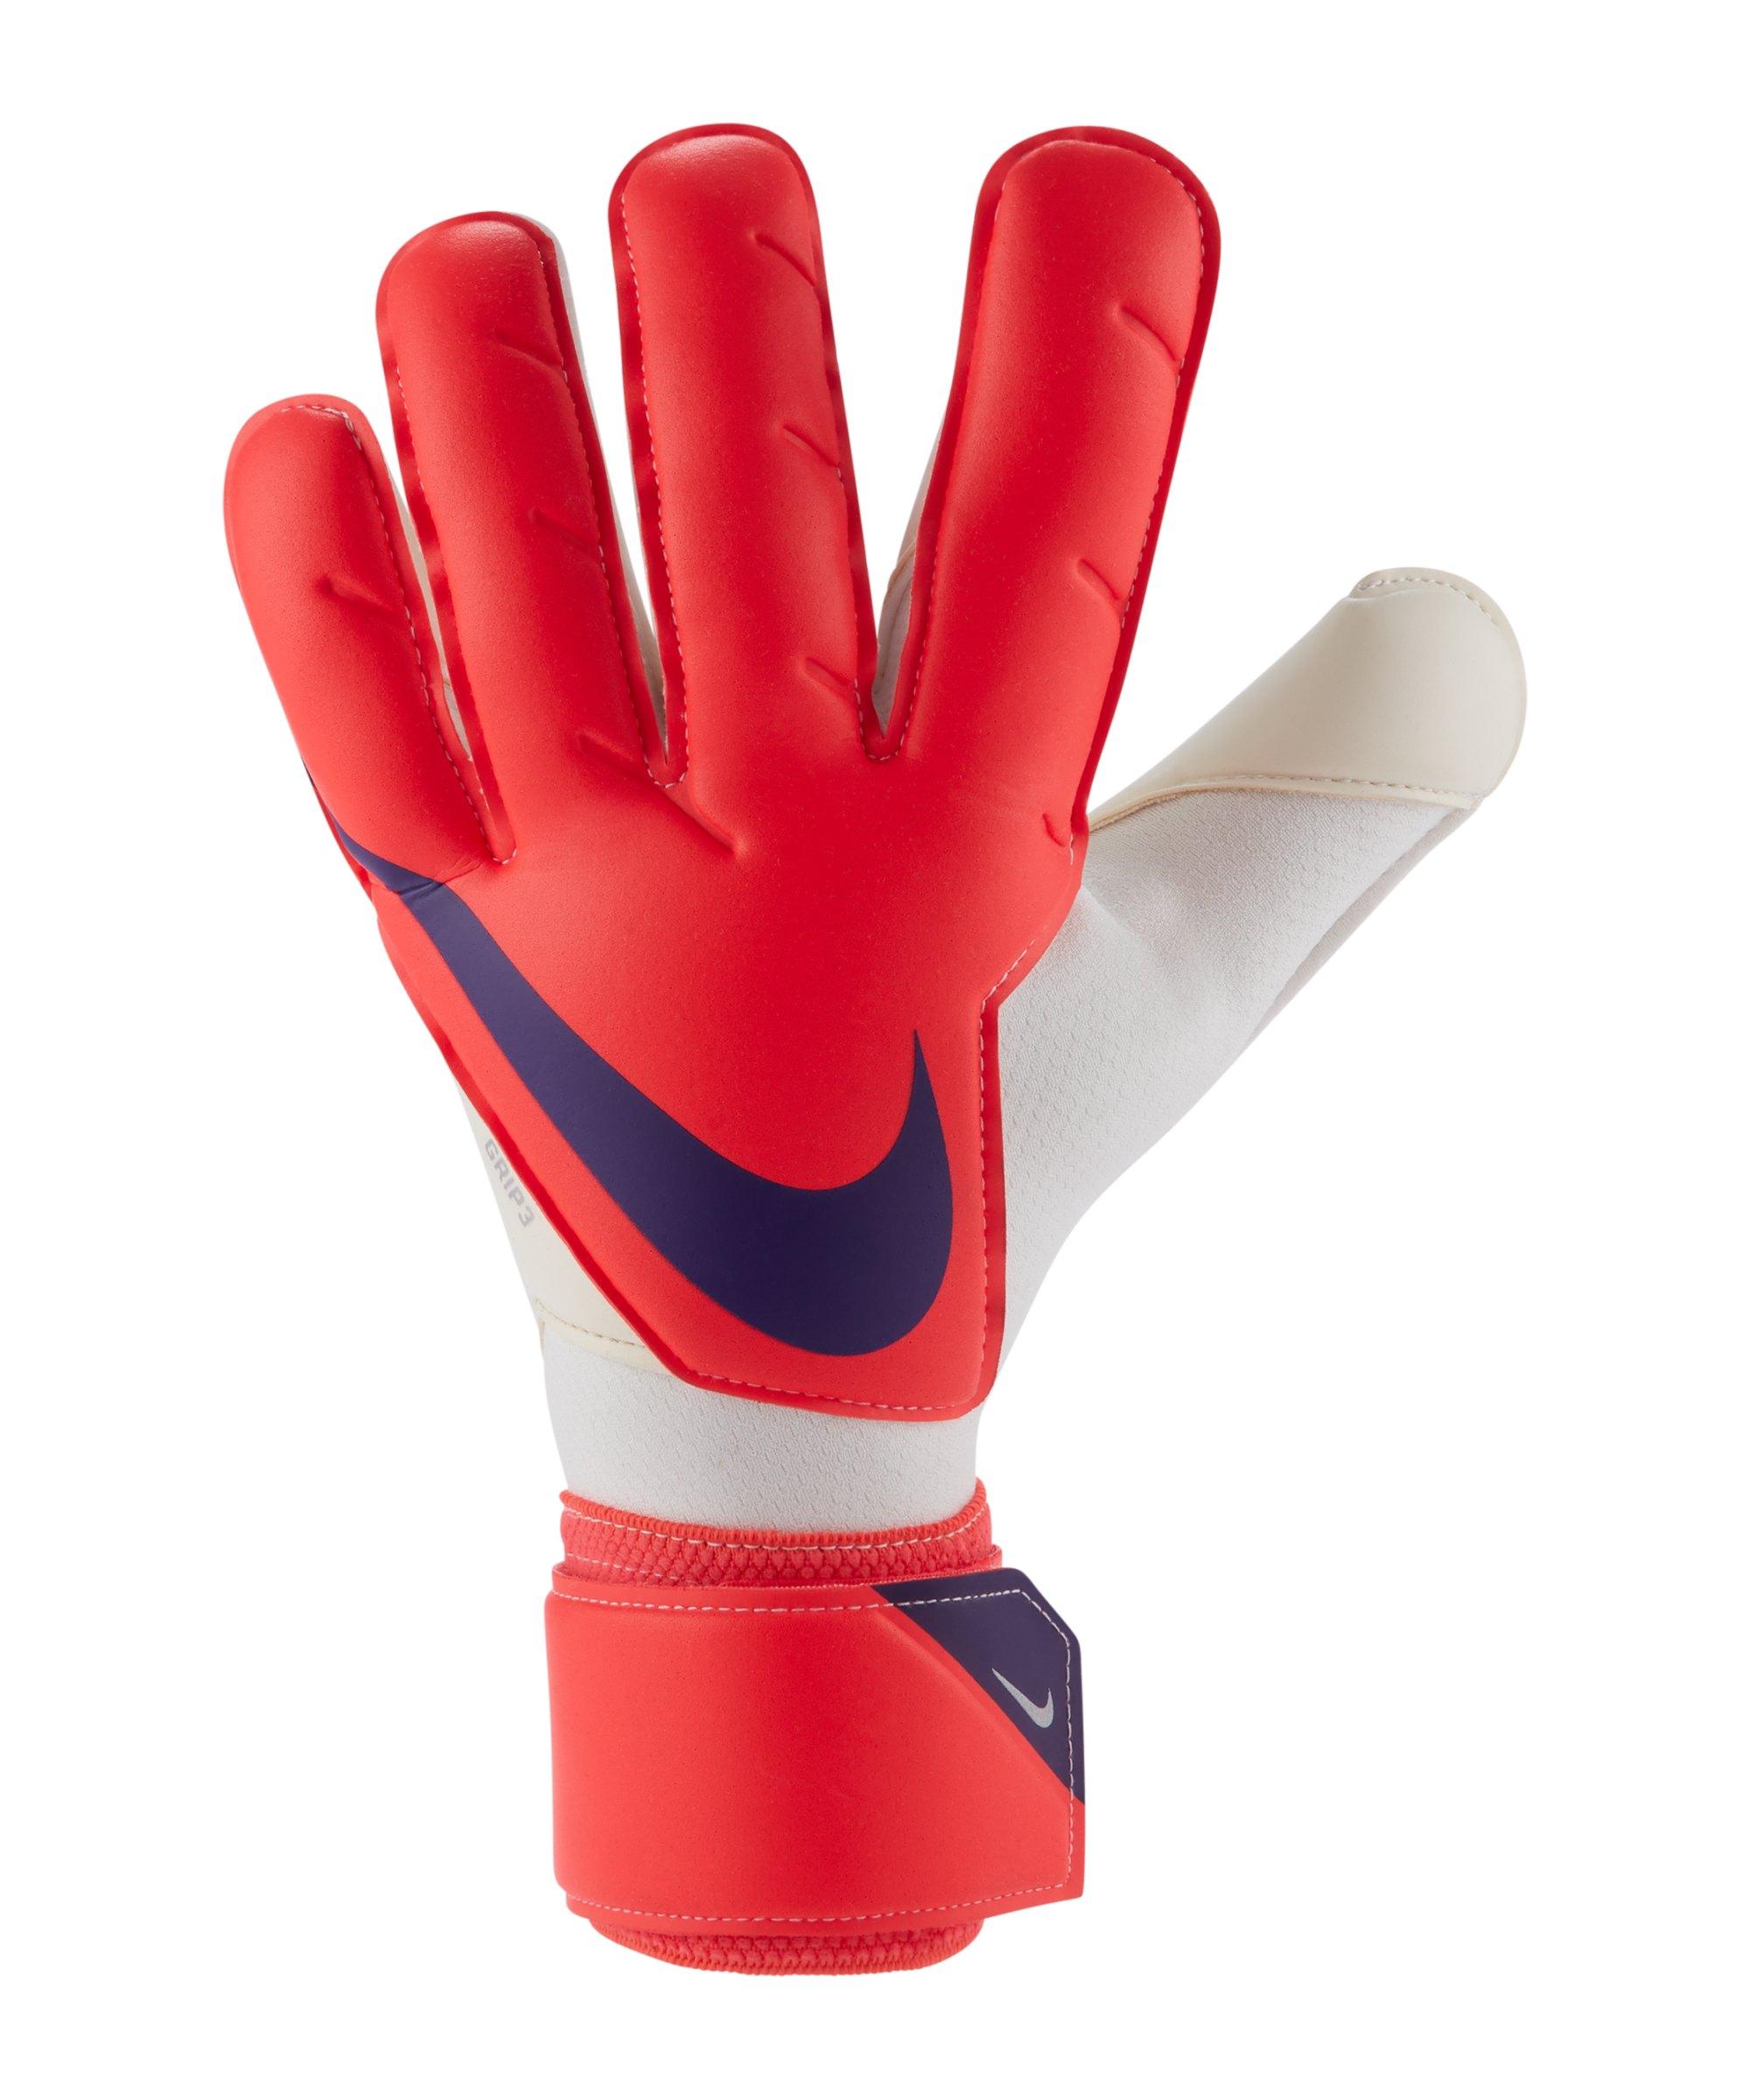 Nike Grip3 Torwarthandschuh Rot Lila F635 - rot